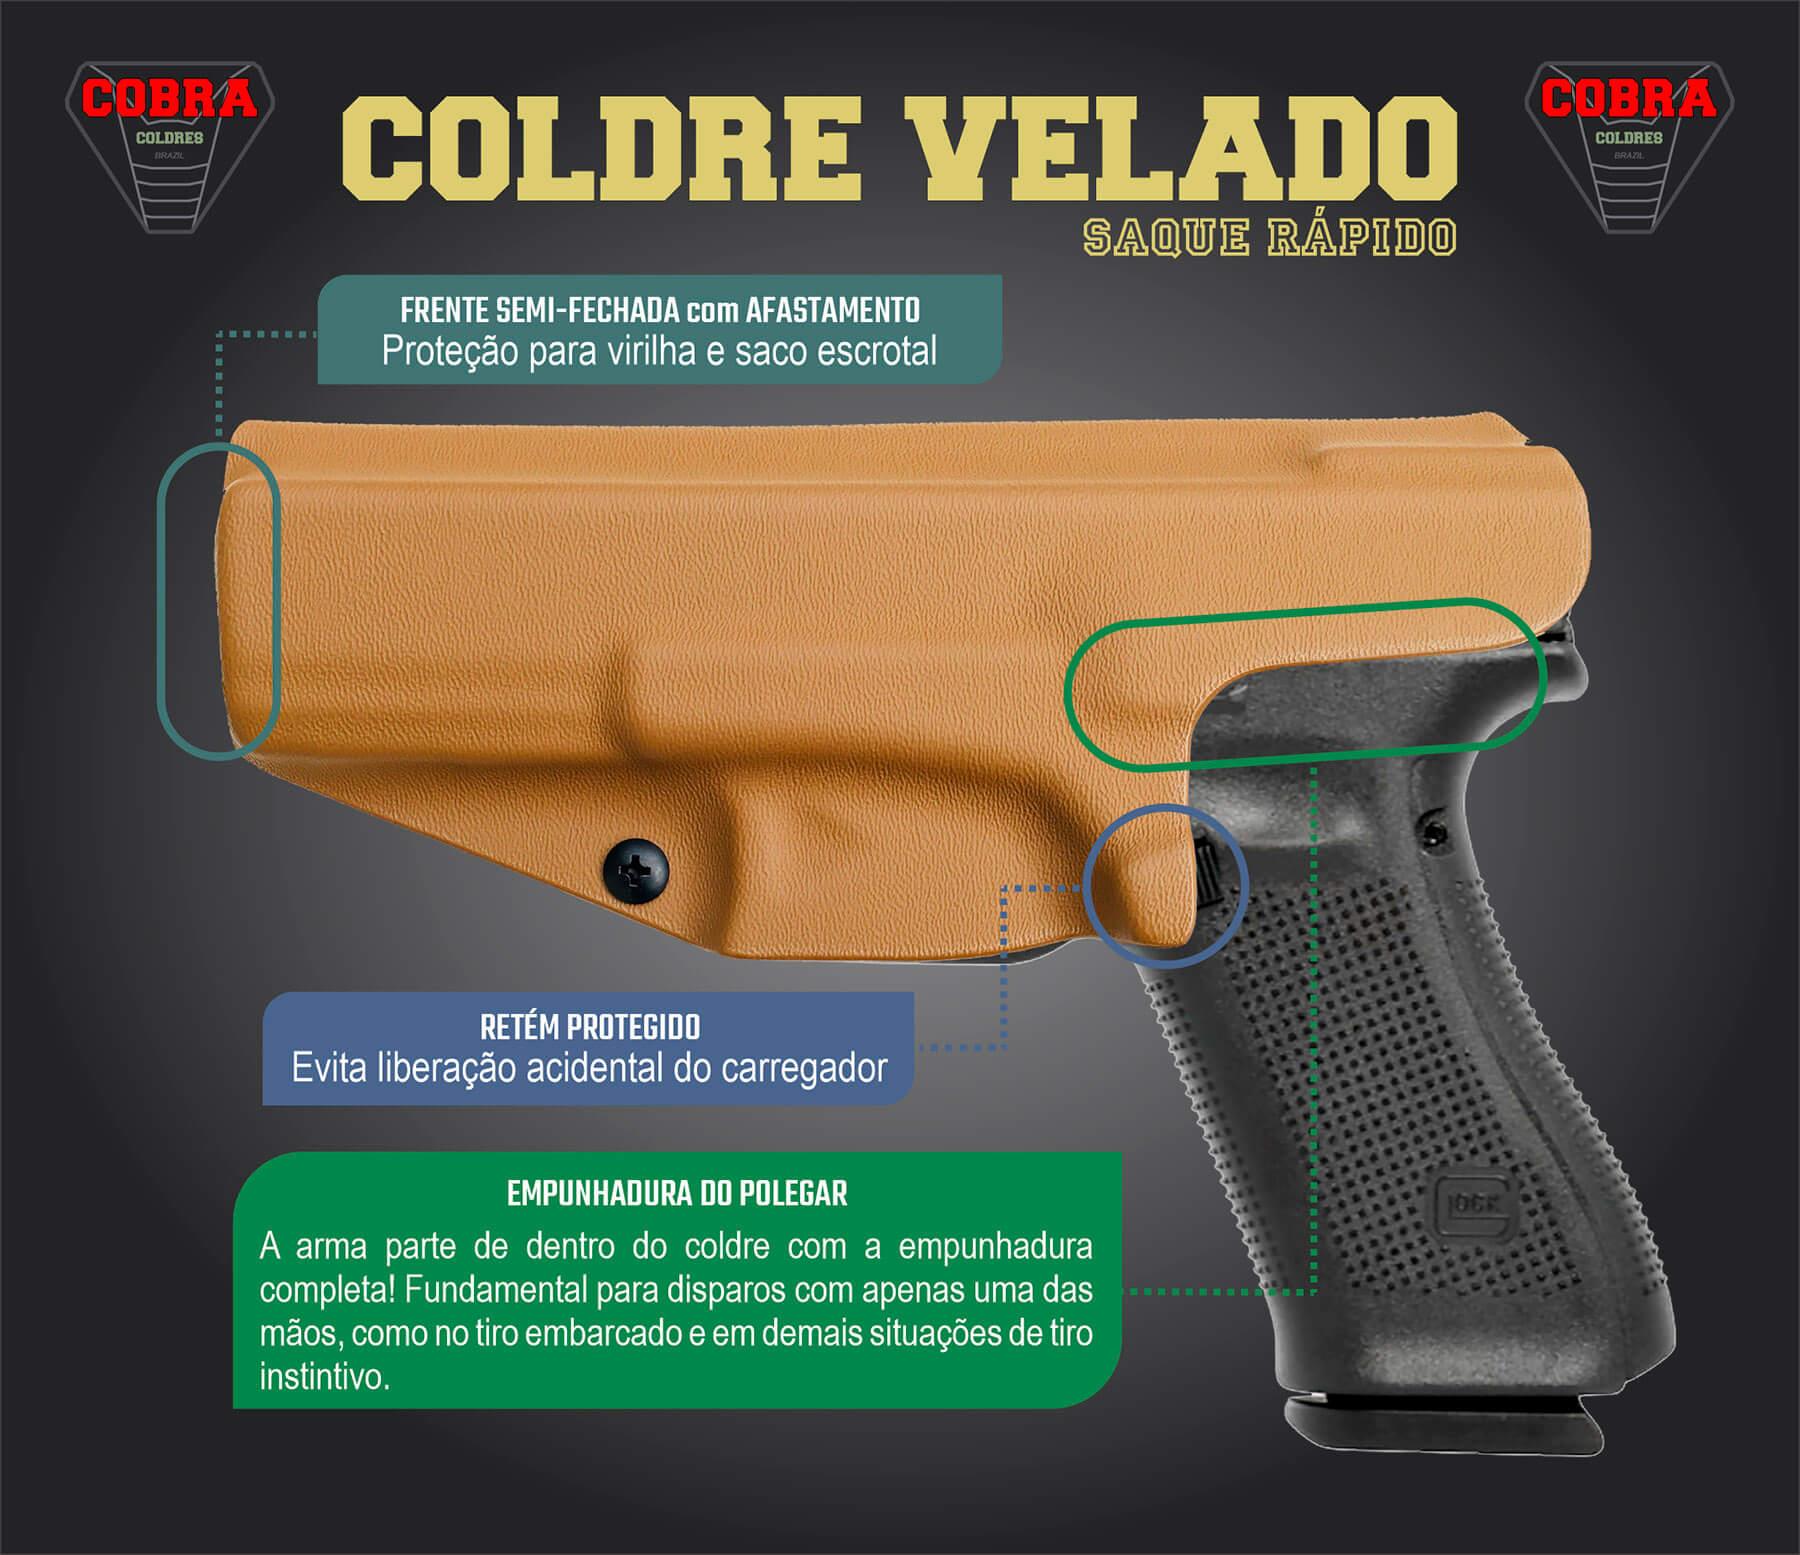 Coldre Kydex Glock [G19] [G19x] [G25] [G23] [G32] [G38] [G45] + 2 Porta-Carregadores Universais - Saque Rápido Velado Kydex® 080